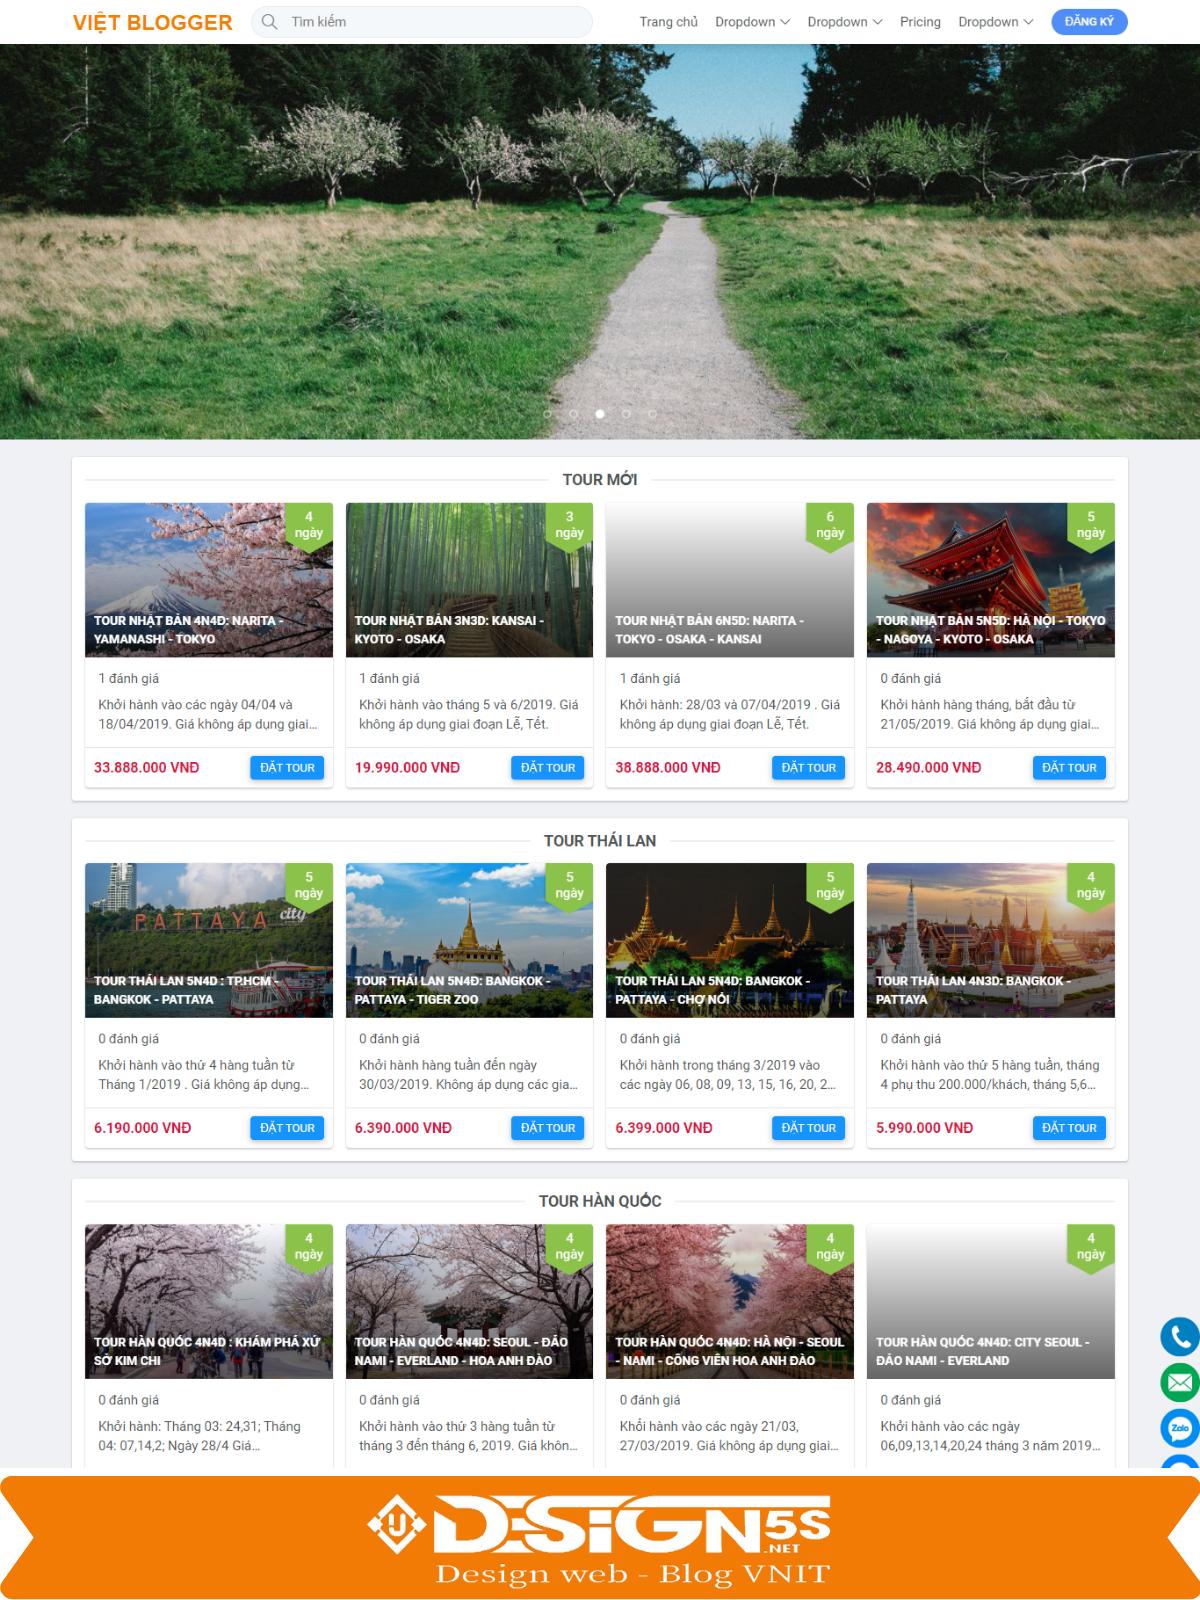 Giao diện blogspot đặt du lịch book tour online tuyệt đẹp